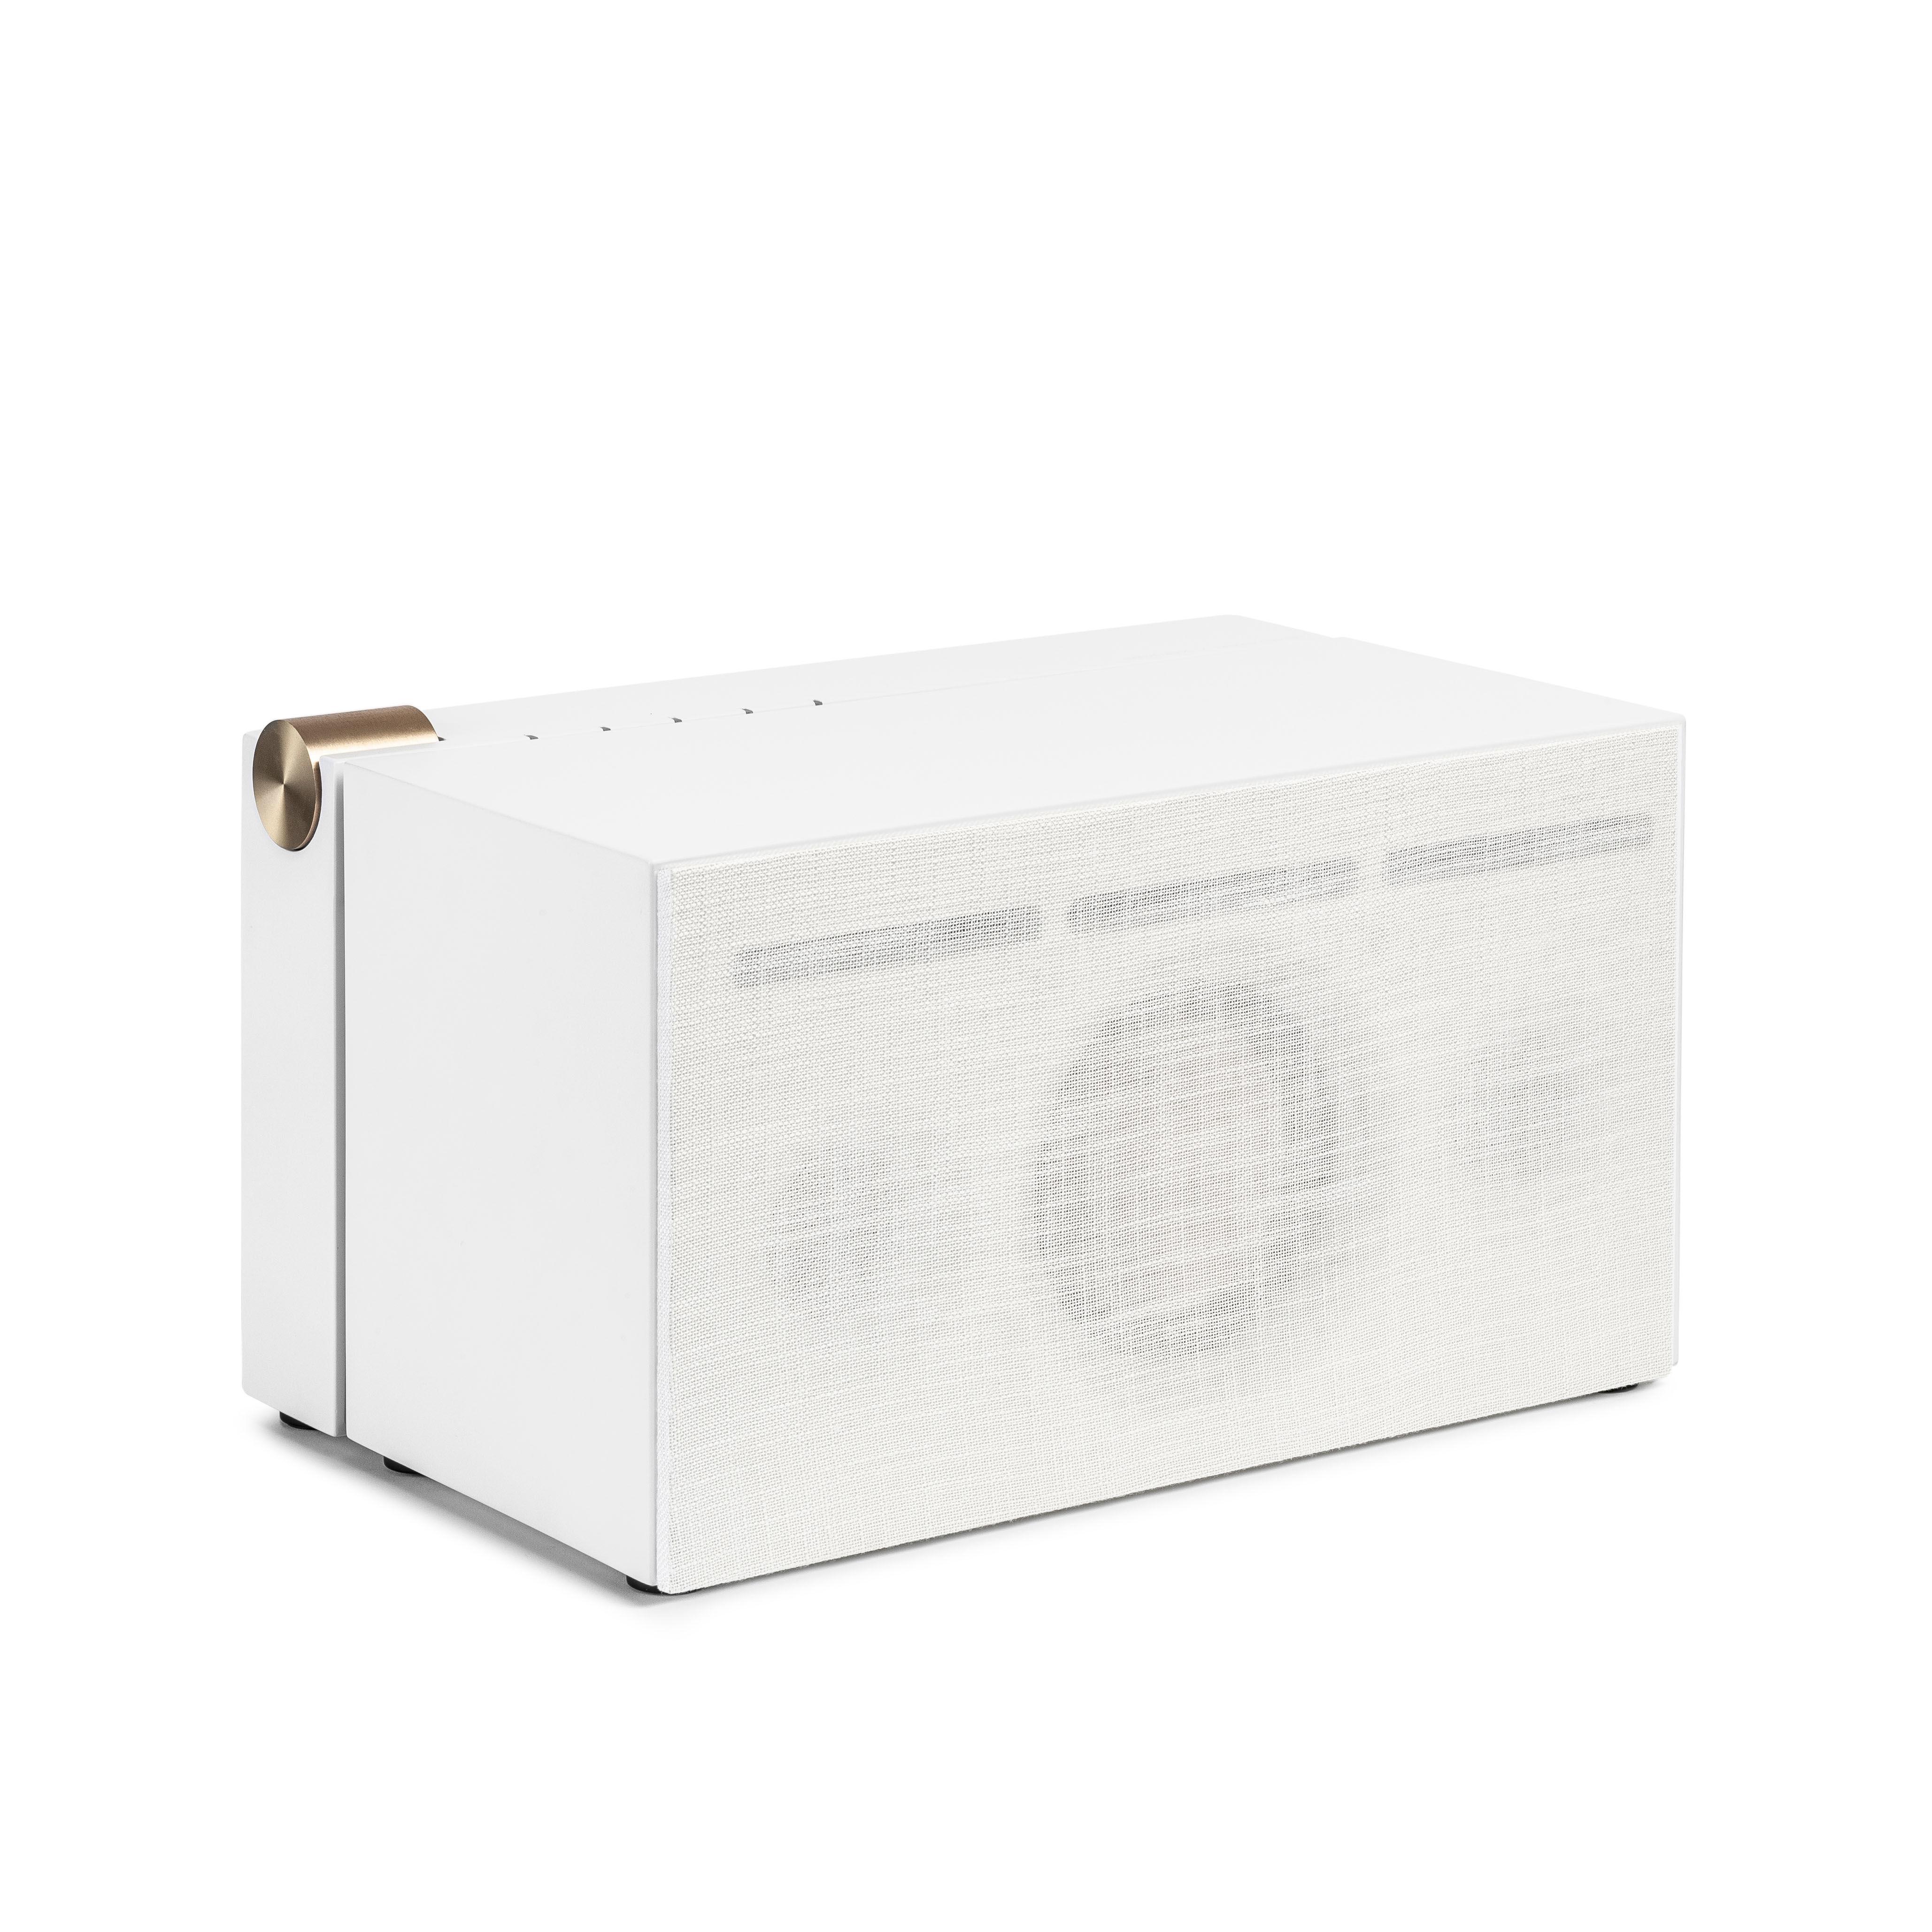 Tendances - Bien chez soi - Enceinte Bluetooth PR 01 / Avec technologie Active Pression Reflex - La Boîte Concept - Blanc - Aluminium, Bois, Tissu